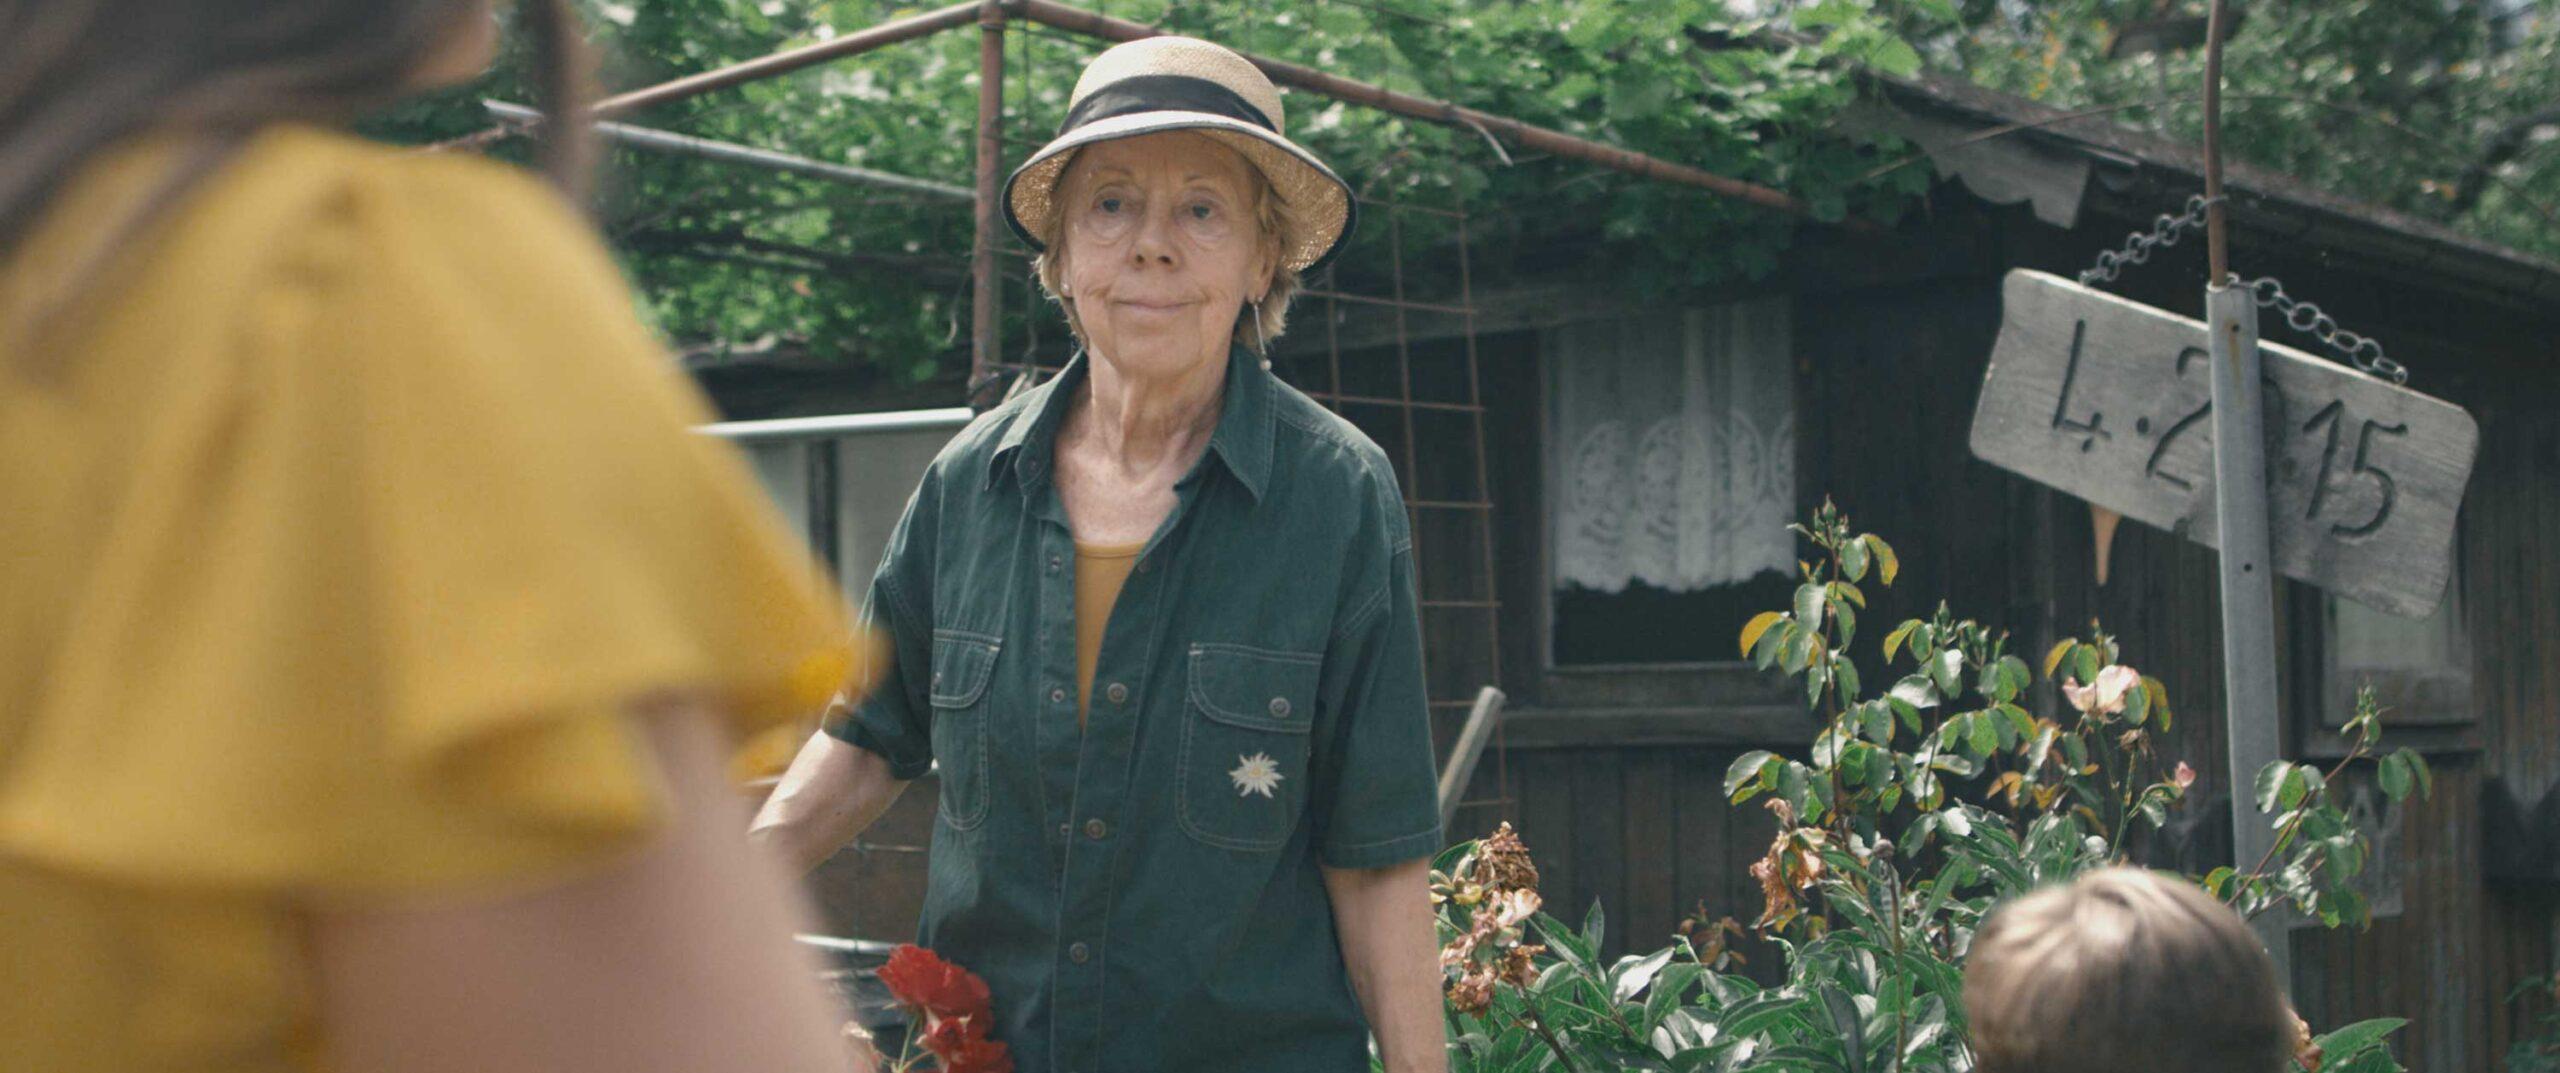 Pünt | farmer in garden